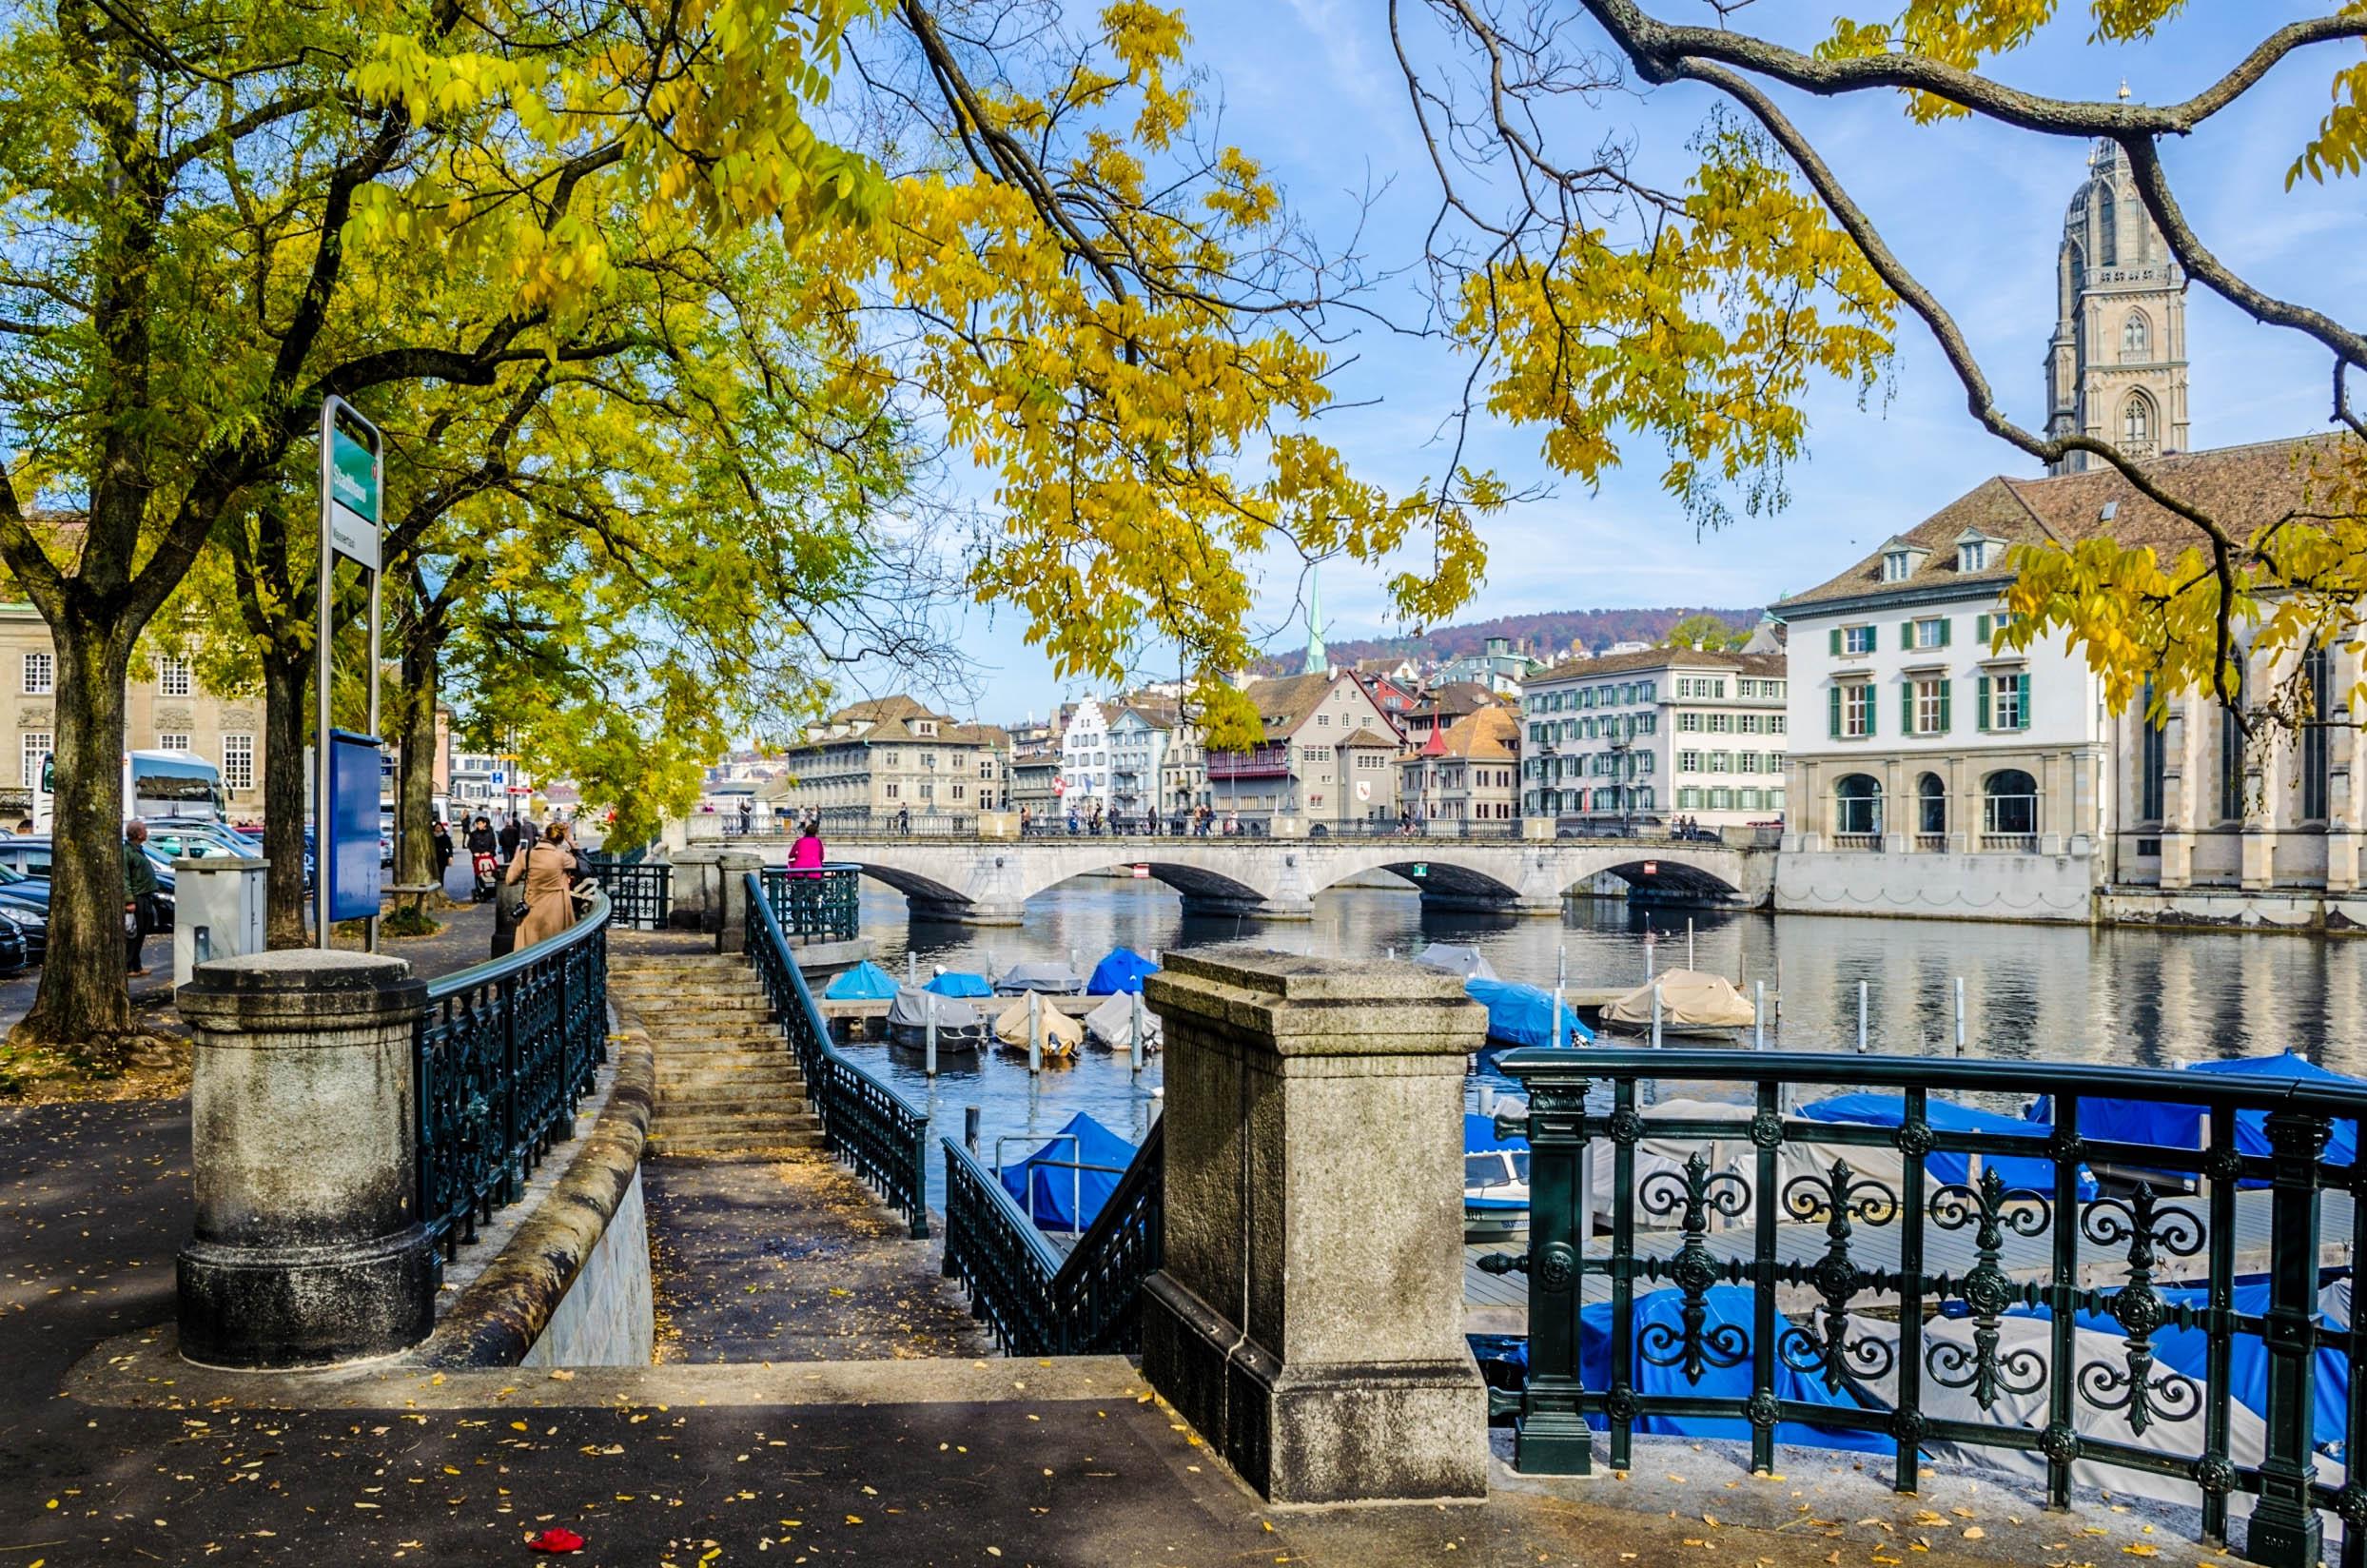 Blick auf die Altstadt in Zürich